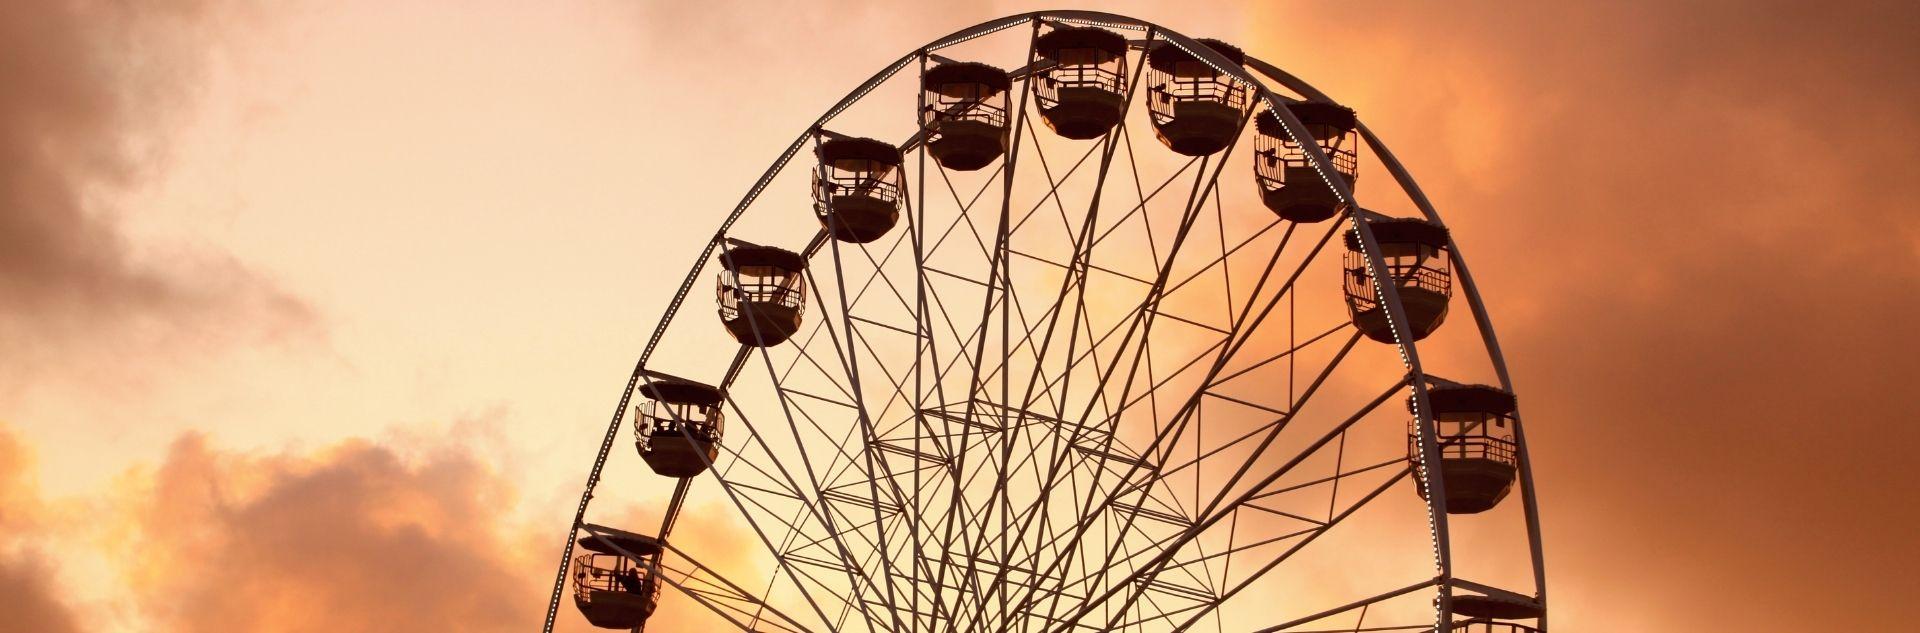 Freizeitpark Hero - Riesenrad